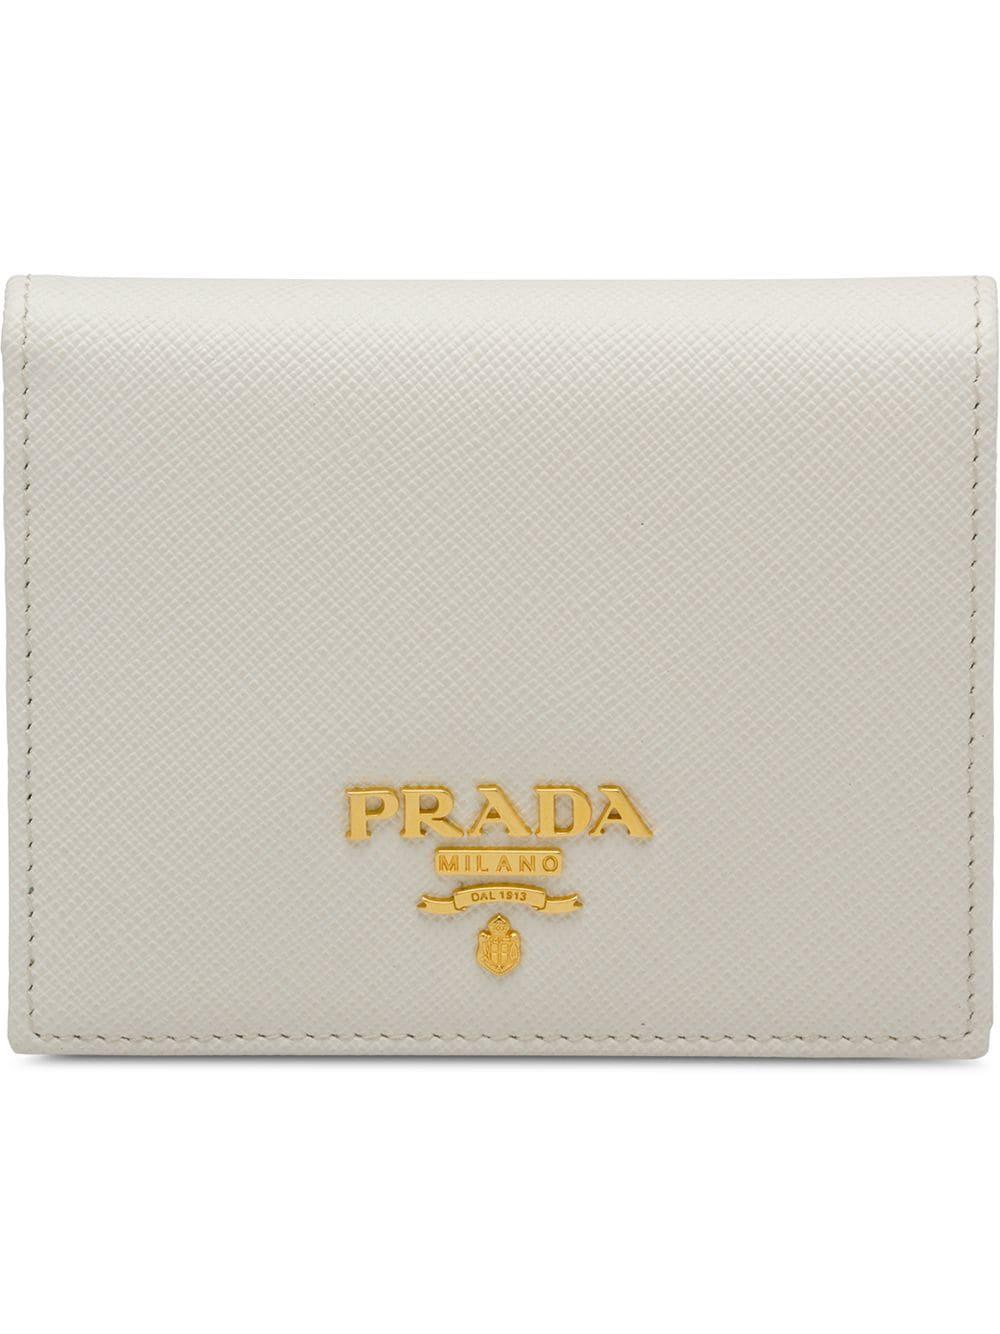 4be349d264e19c Prada Small Leather Wallet - White | ModeSens